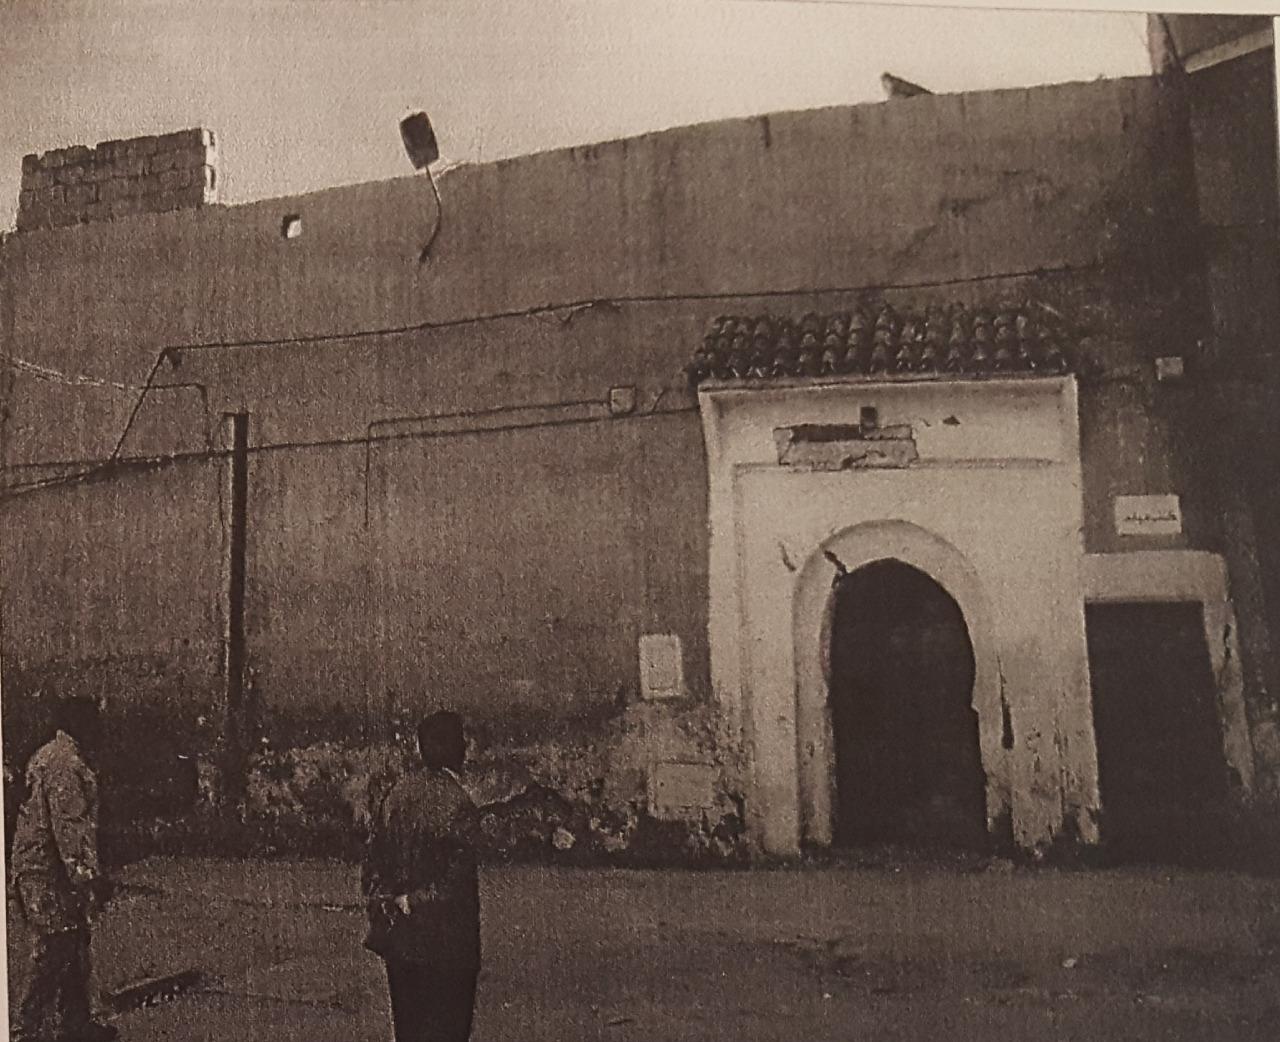 تارودانت.. بلاغ توضيحي لوزارة الأوقاف بخصوص هدم مسجد الرحبة القديمة